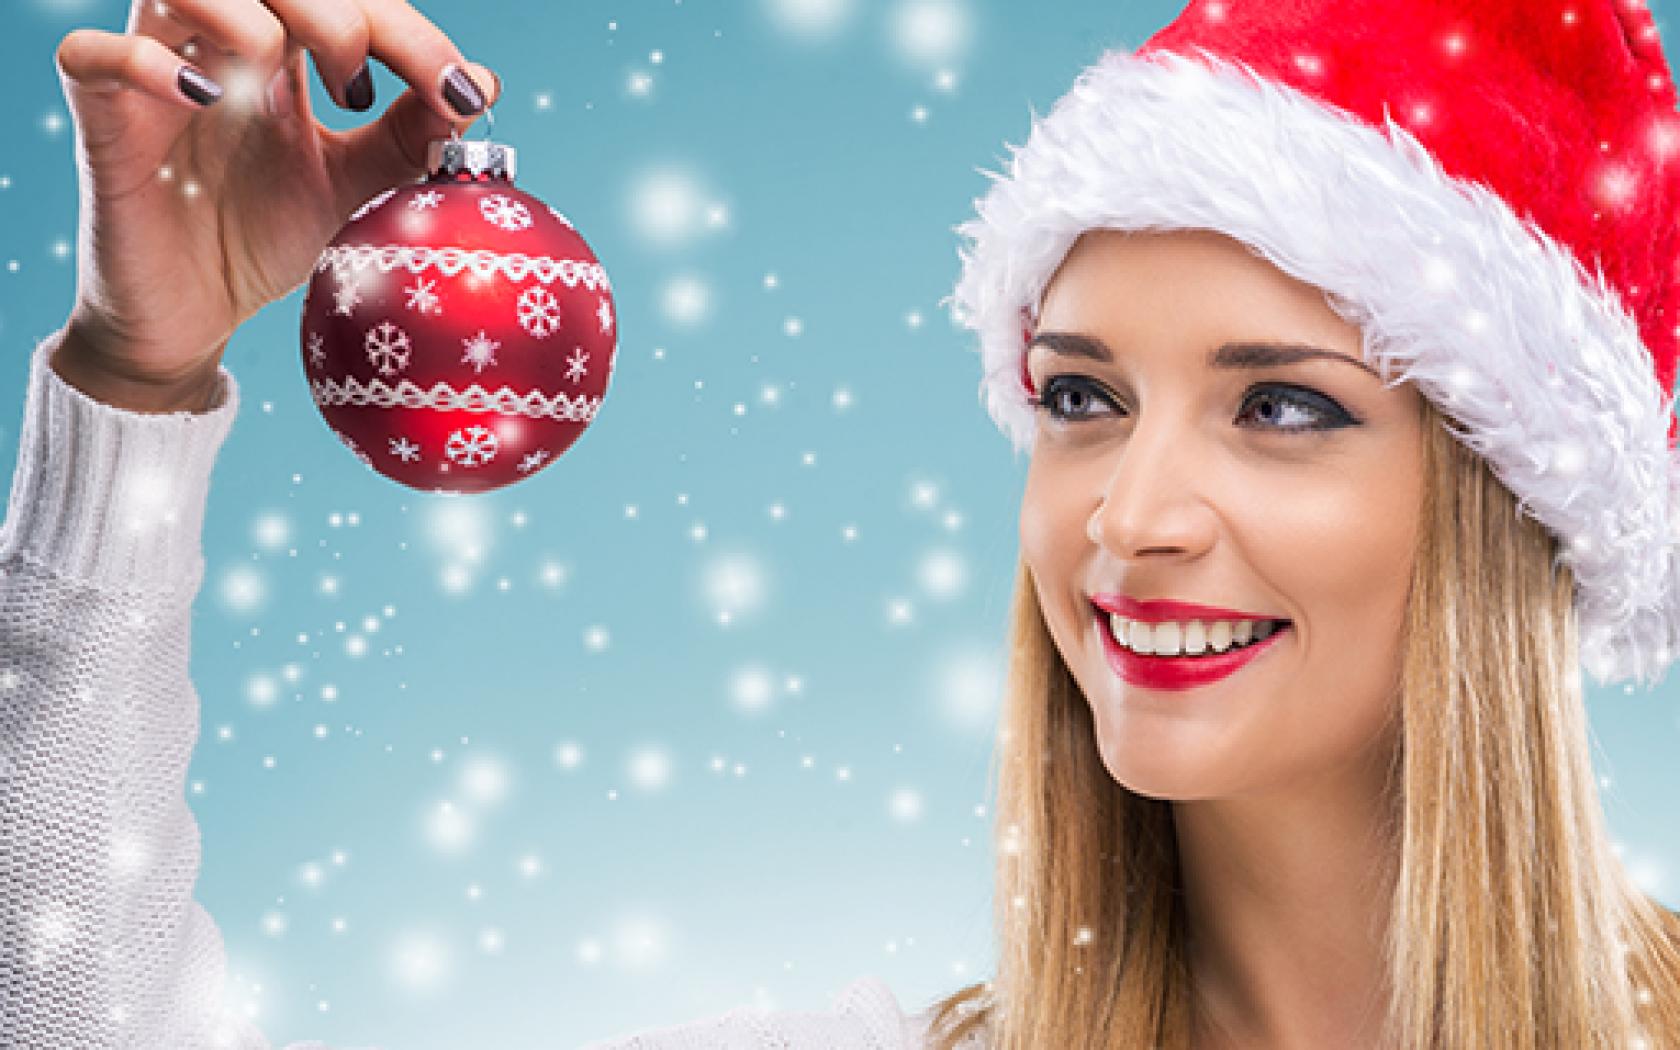 Γιορτές με «λευκό» χαμόγελο σε ένα ραντεβού